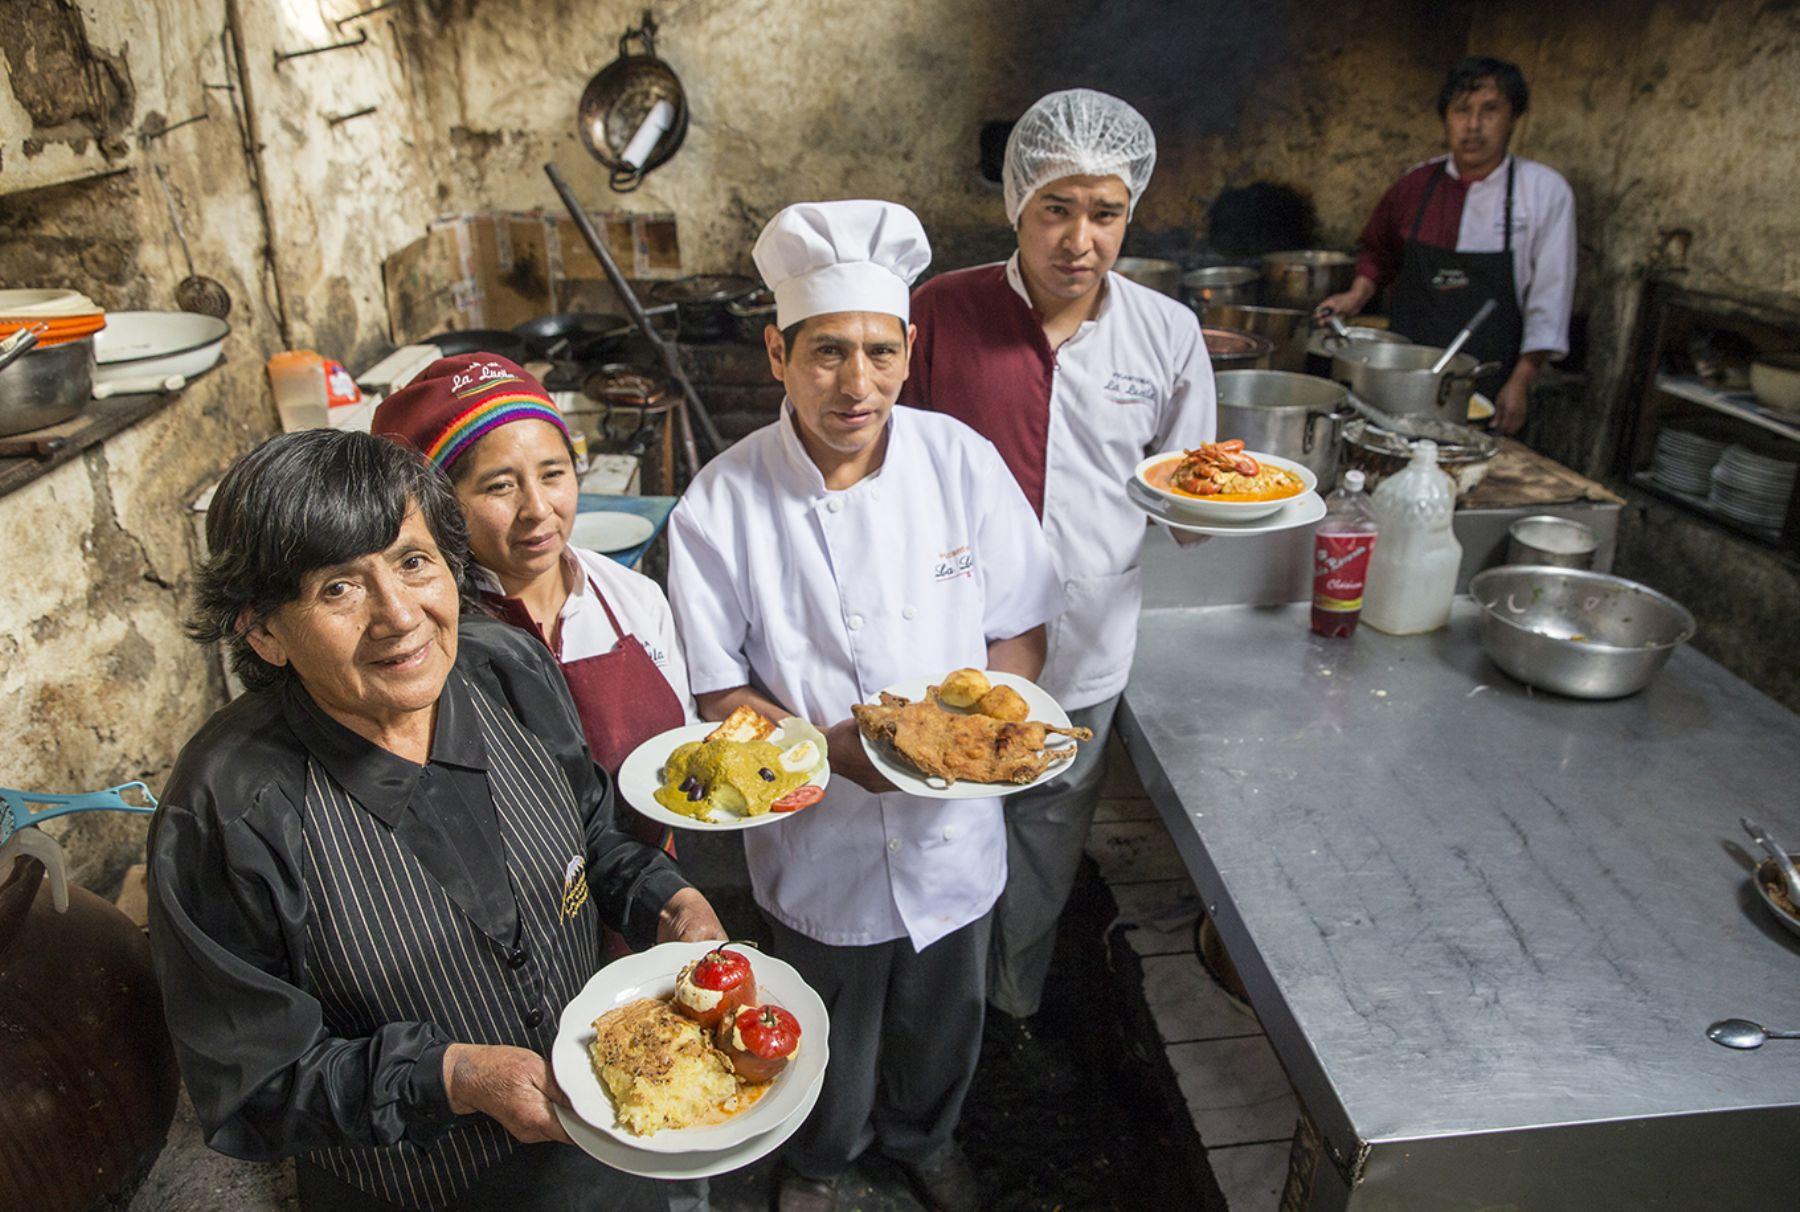 Arequipa fue designada Ciudad Creativa de la Unesco en la categoría Gastronomía por su aporte culinario al Perú y al mundo.